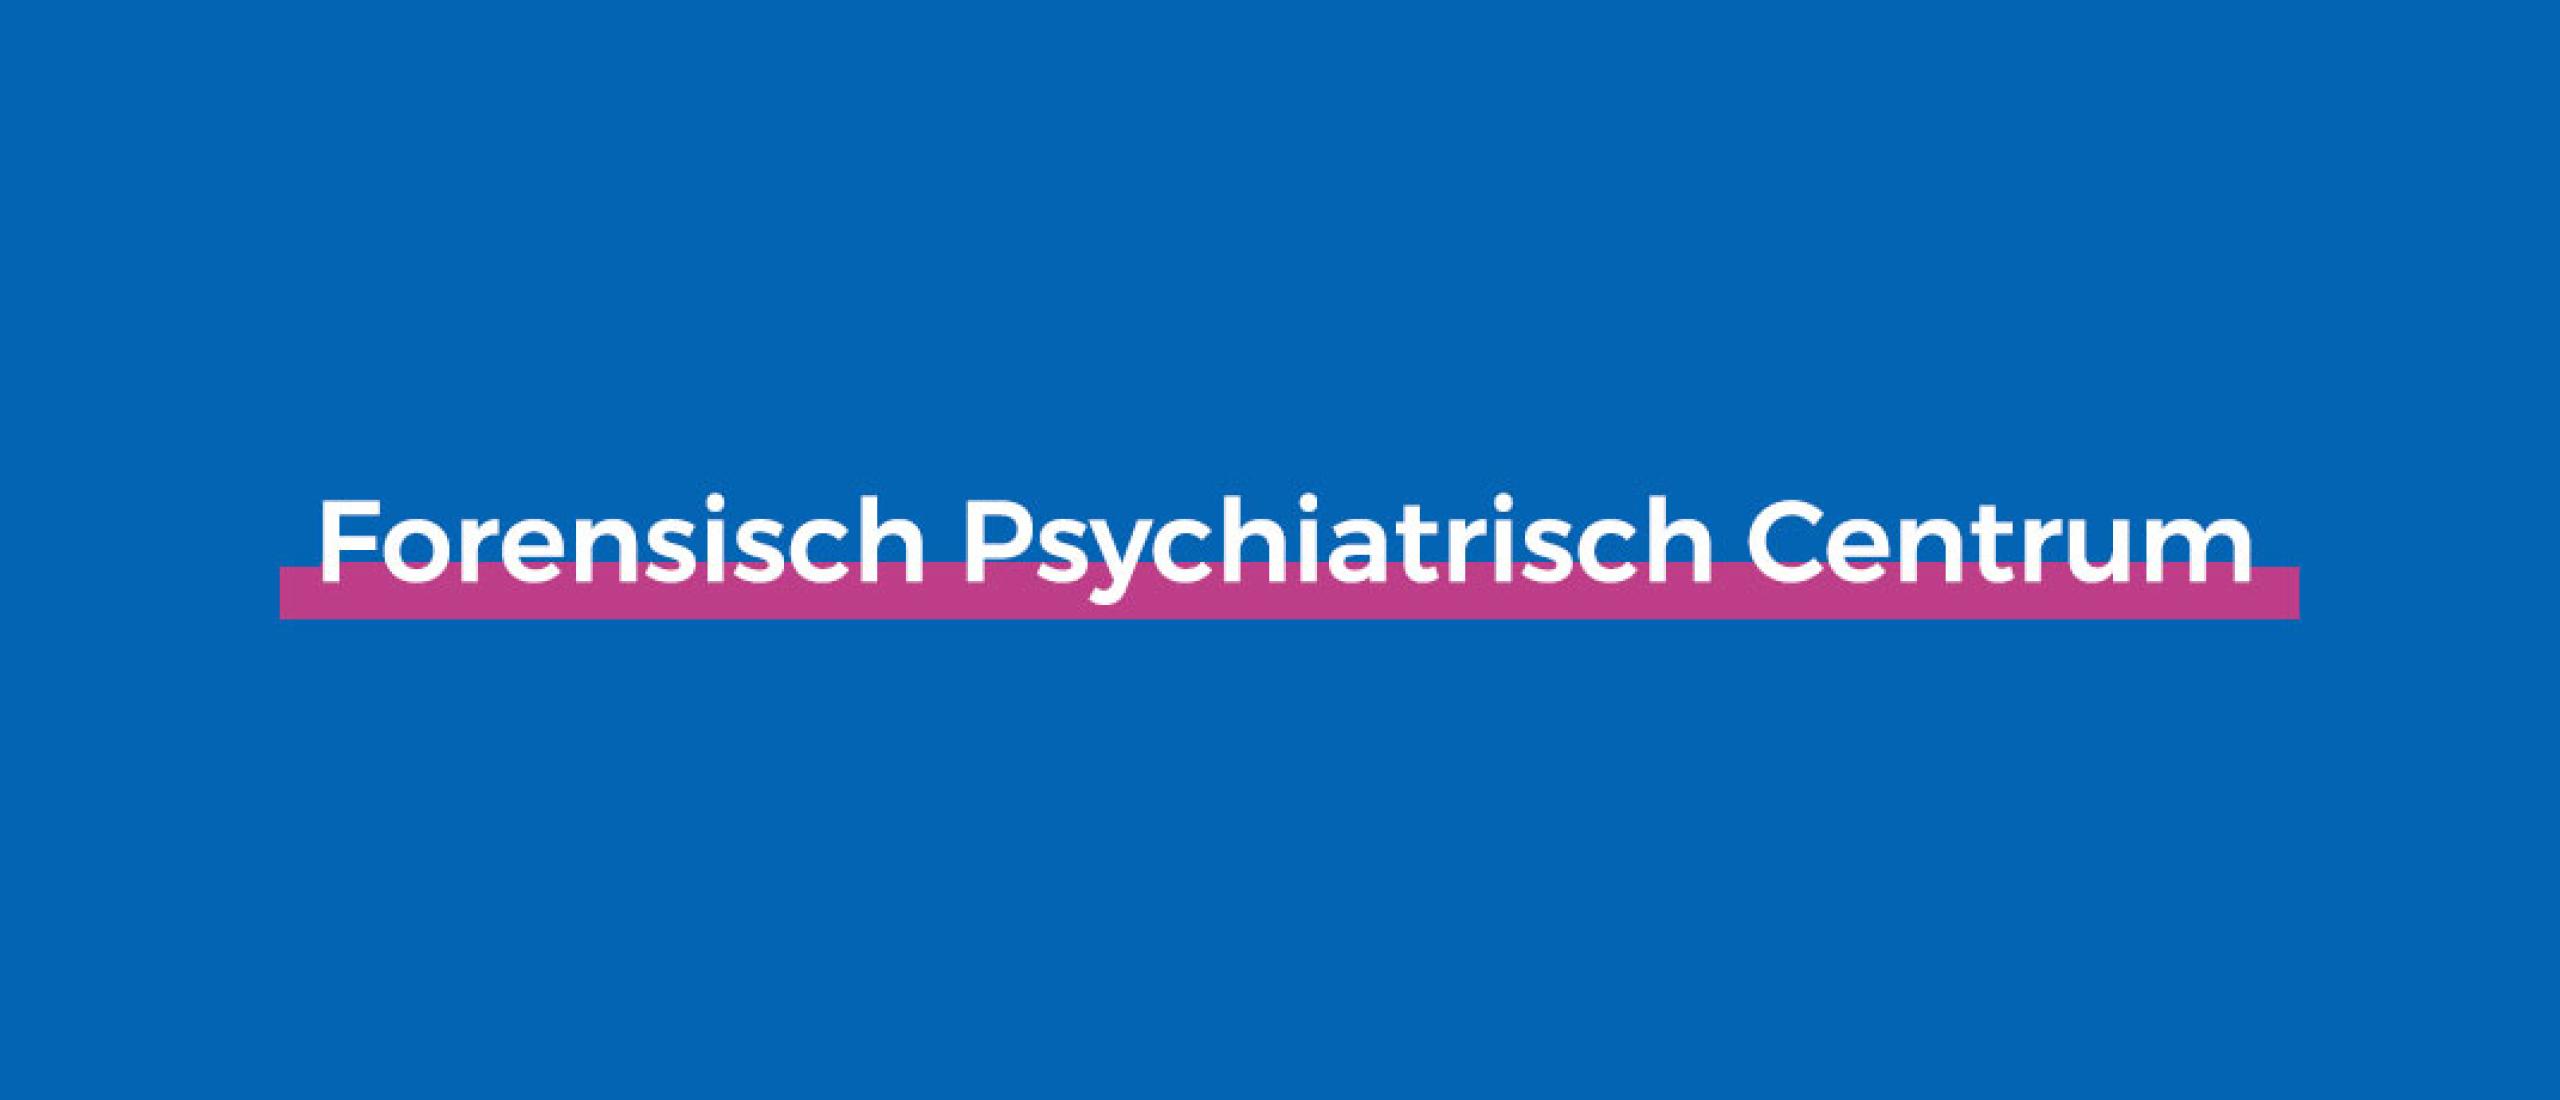 forensisch psychiatrisch centrum